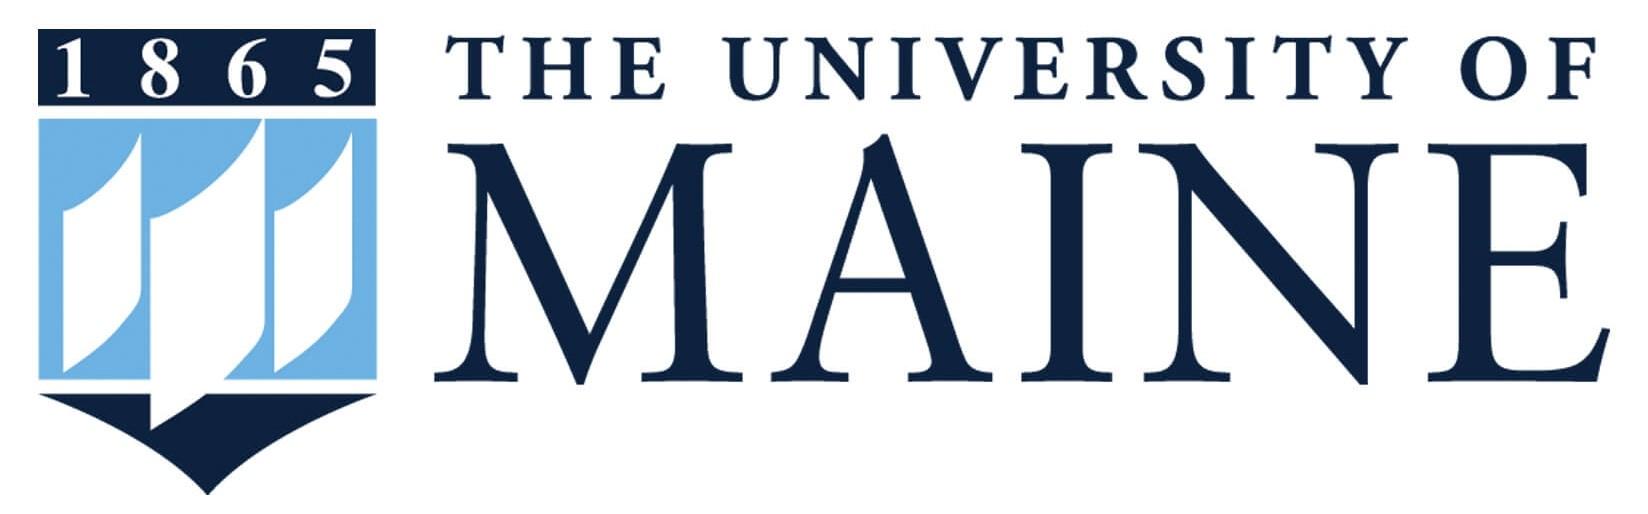 UMaine-edit2.jpg